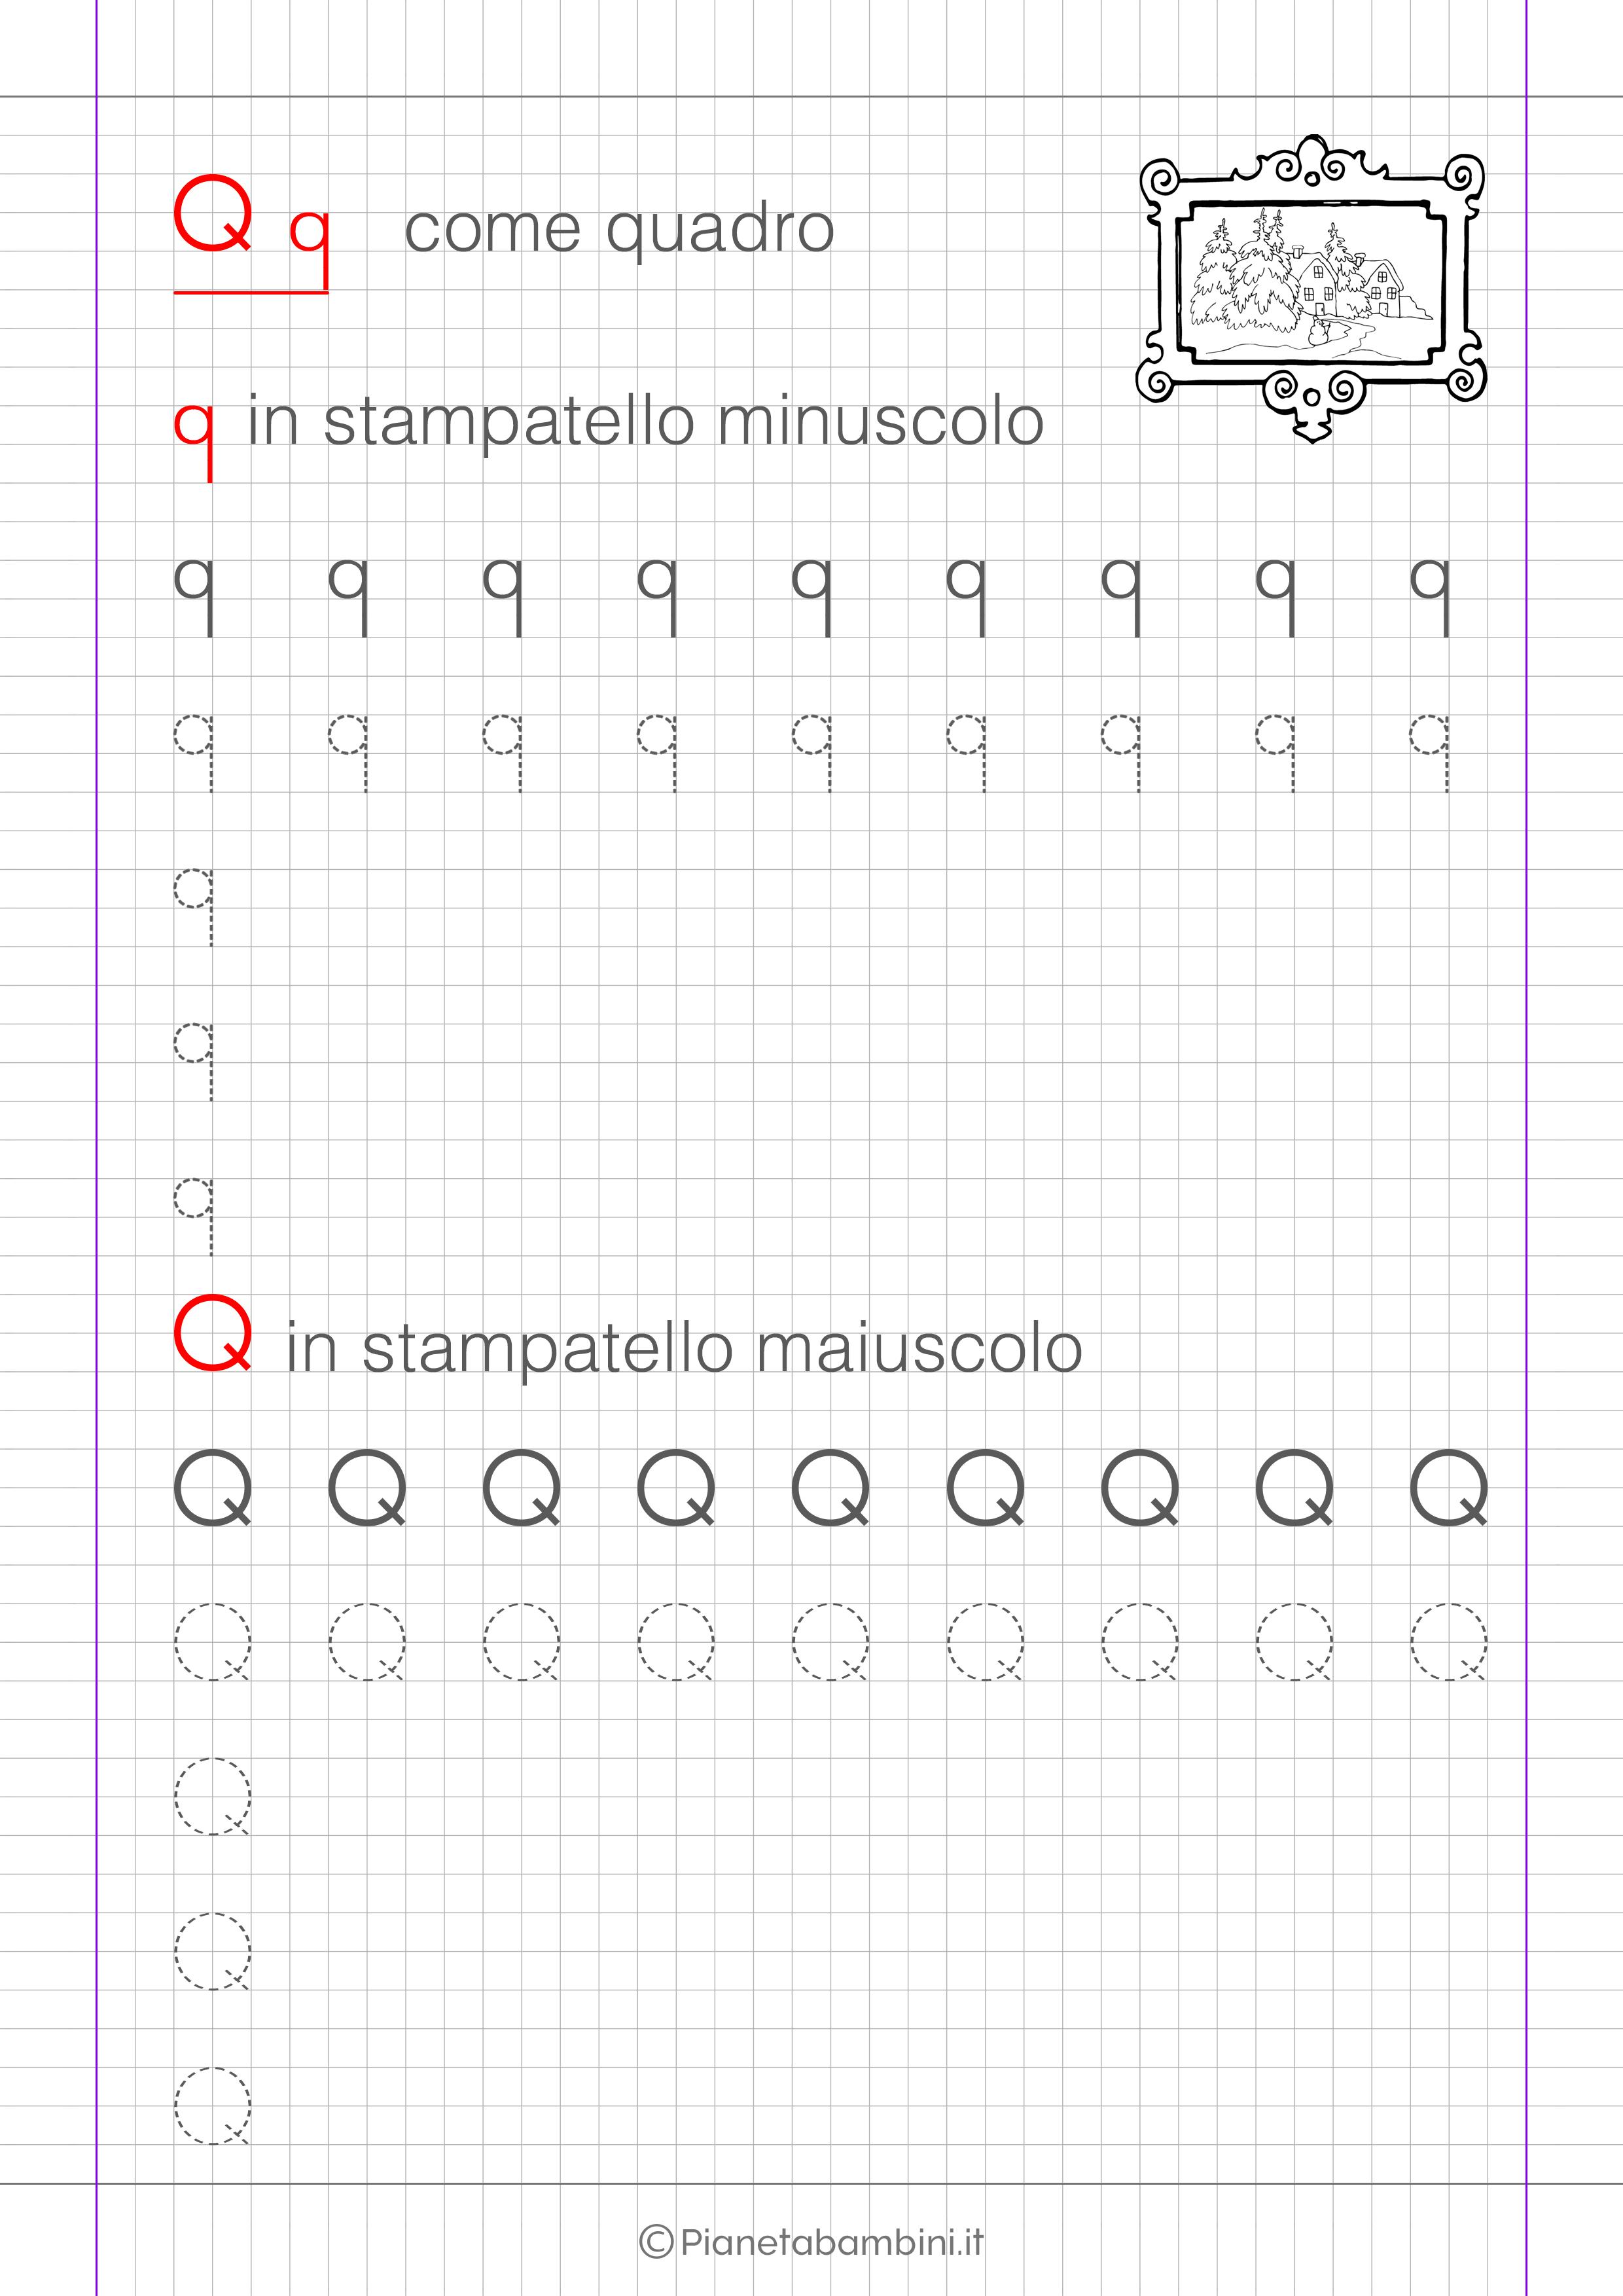 Scheda di pregrafismo lettera Q in stampatello